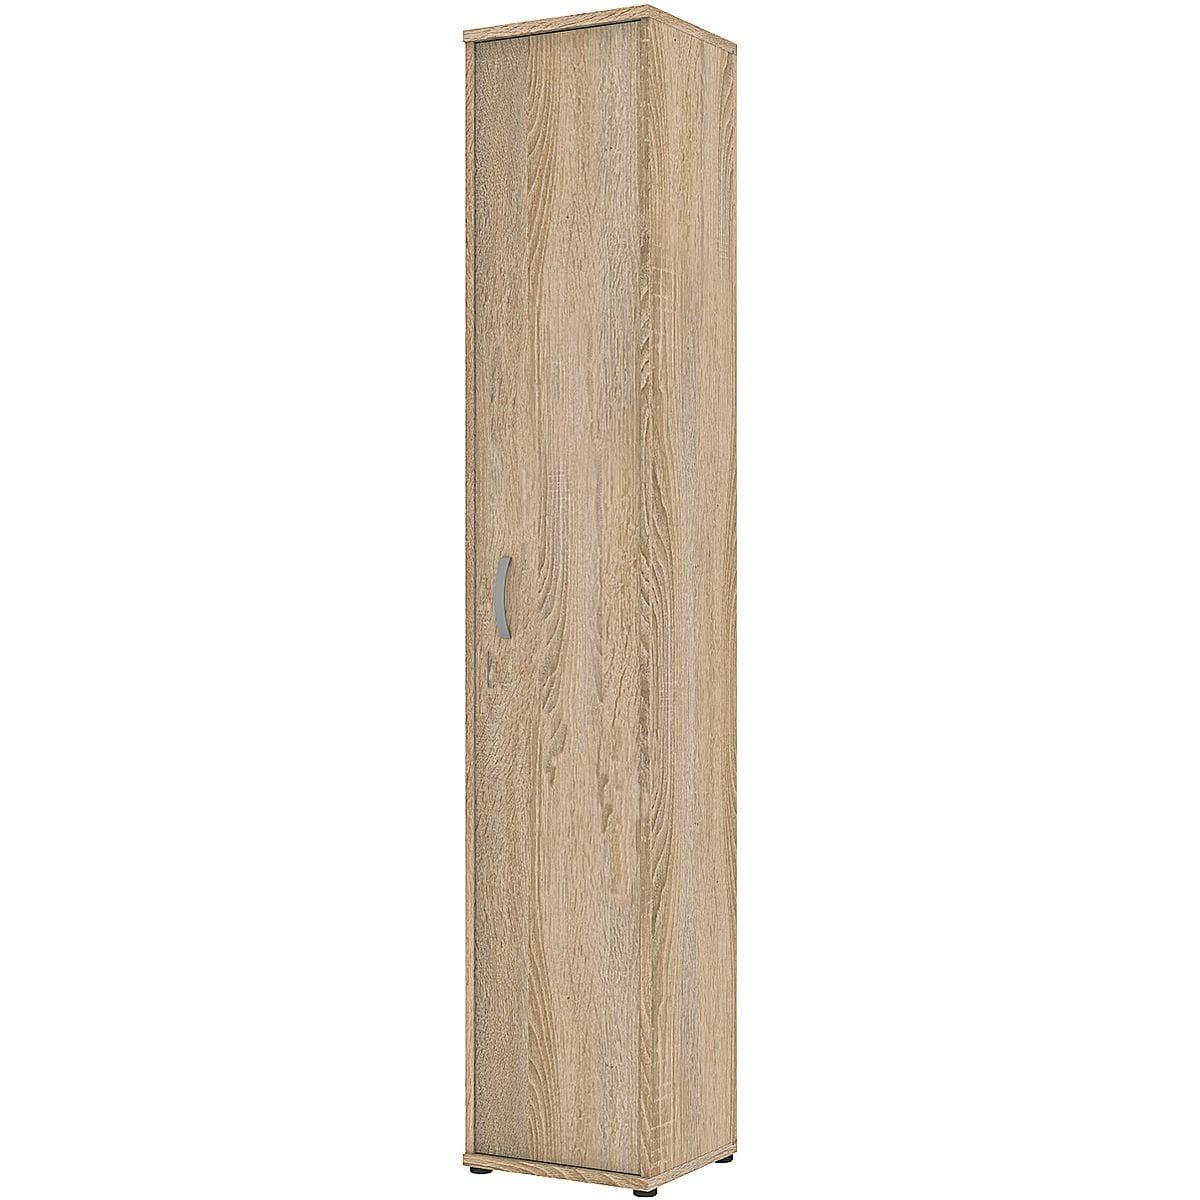 aktenschrank b rocombi 2 40 cm schmal 6 oh bei otto office g nstig kaufen. Black Bedroom Furniture Sets. Home Design Ideas